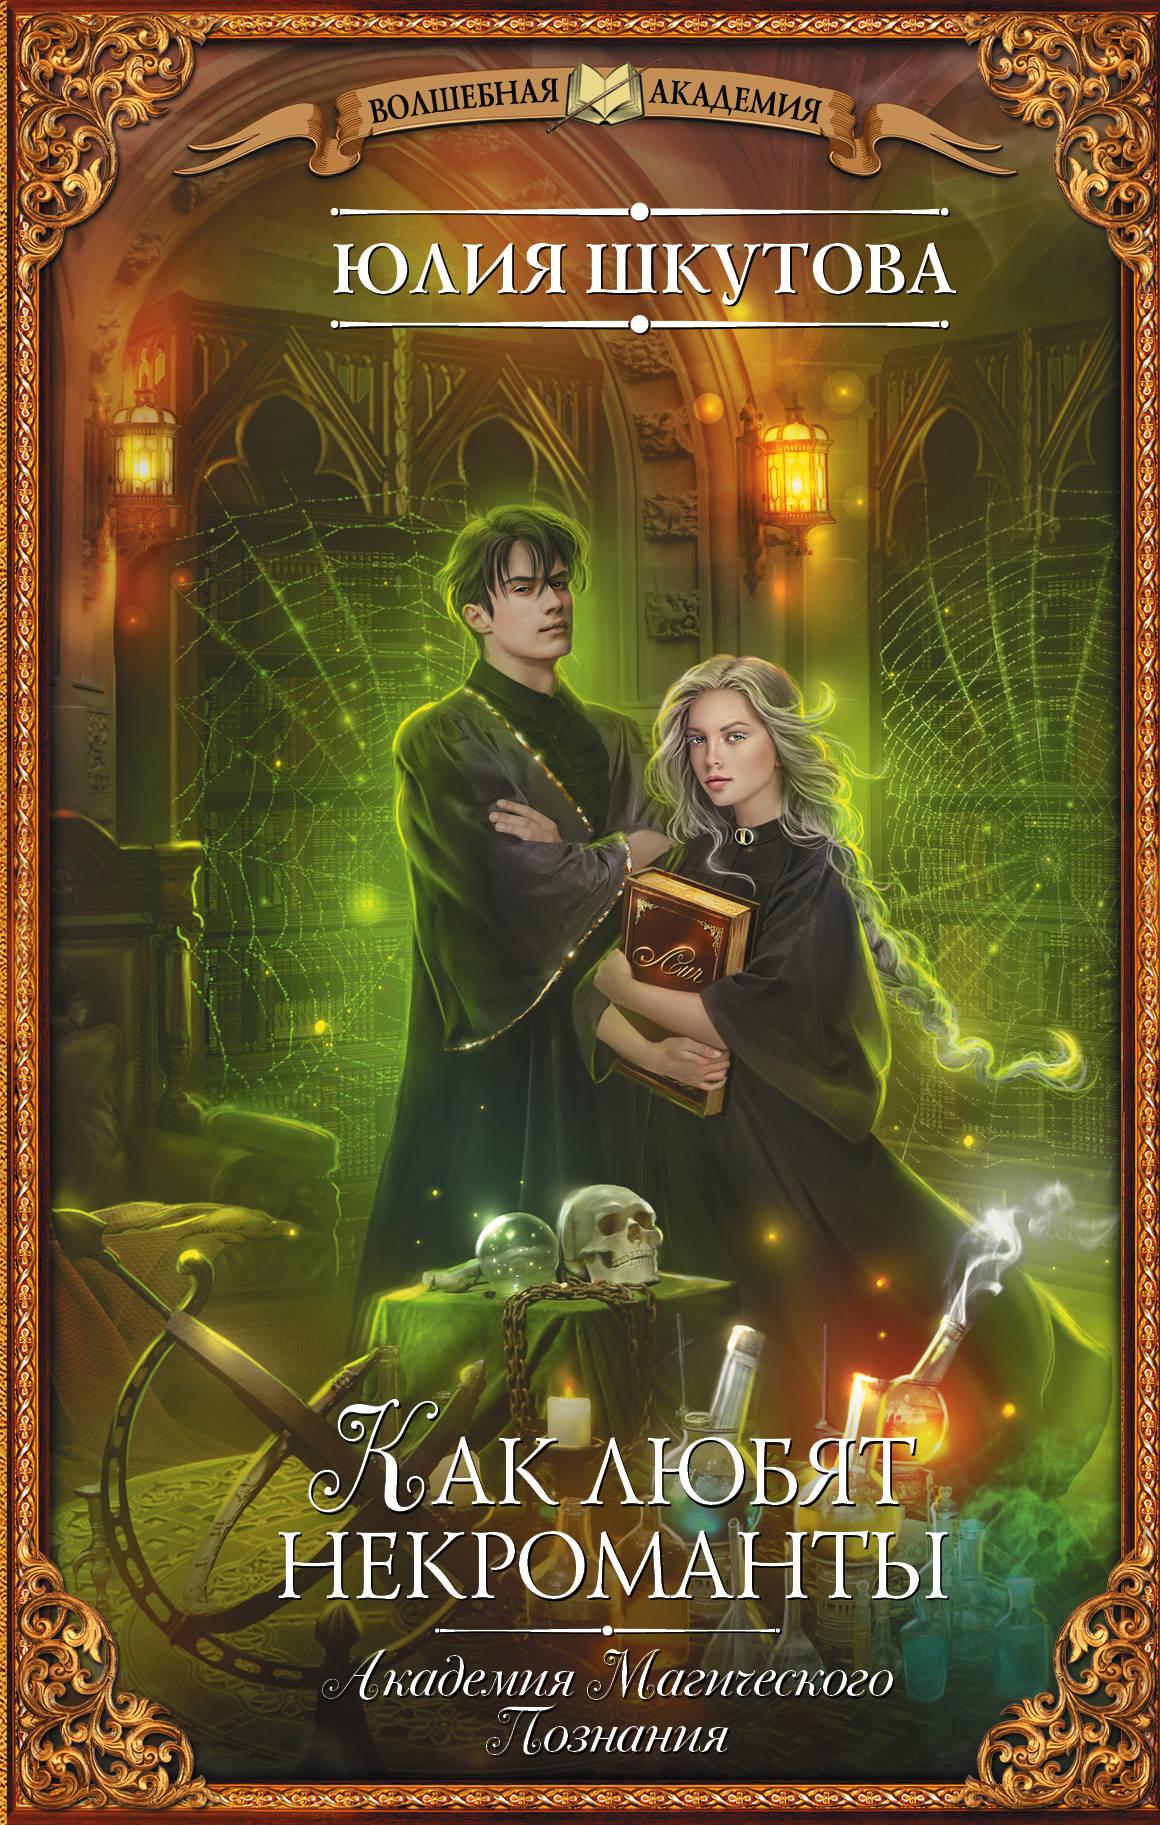 Юлия Шкутова Академия Магического Познания. Как любят некроманты